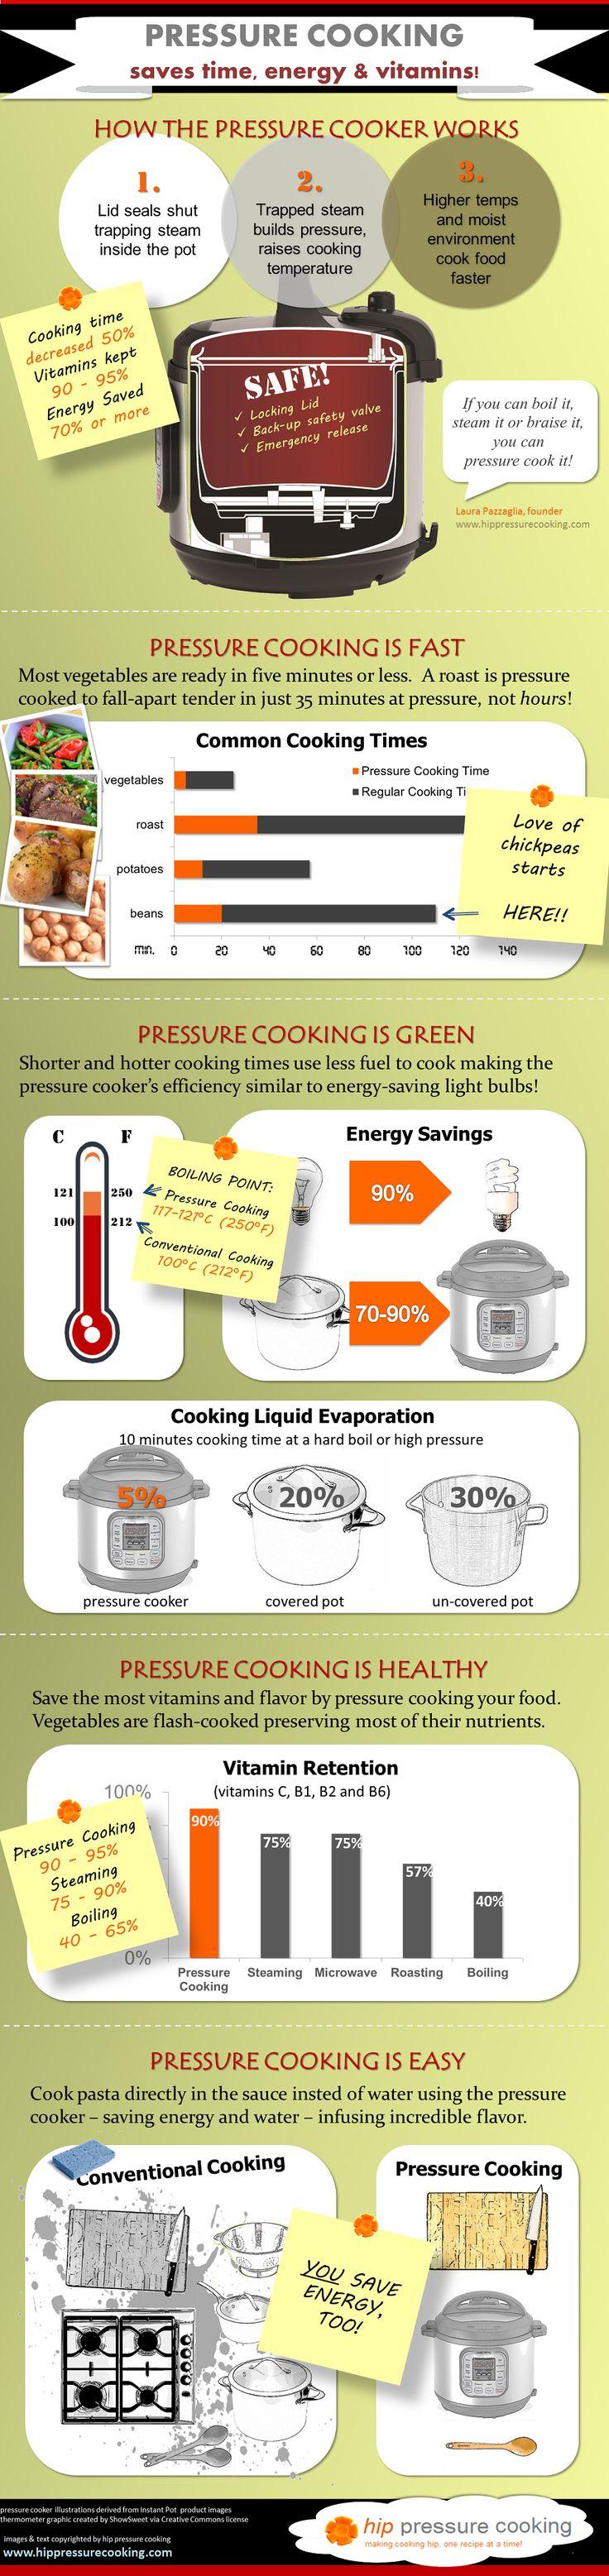 best pressure cooker images on pinterest pressure cooker